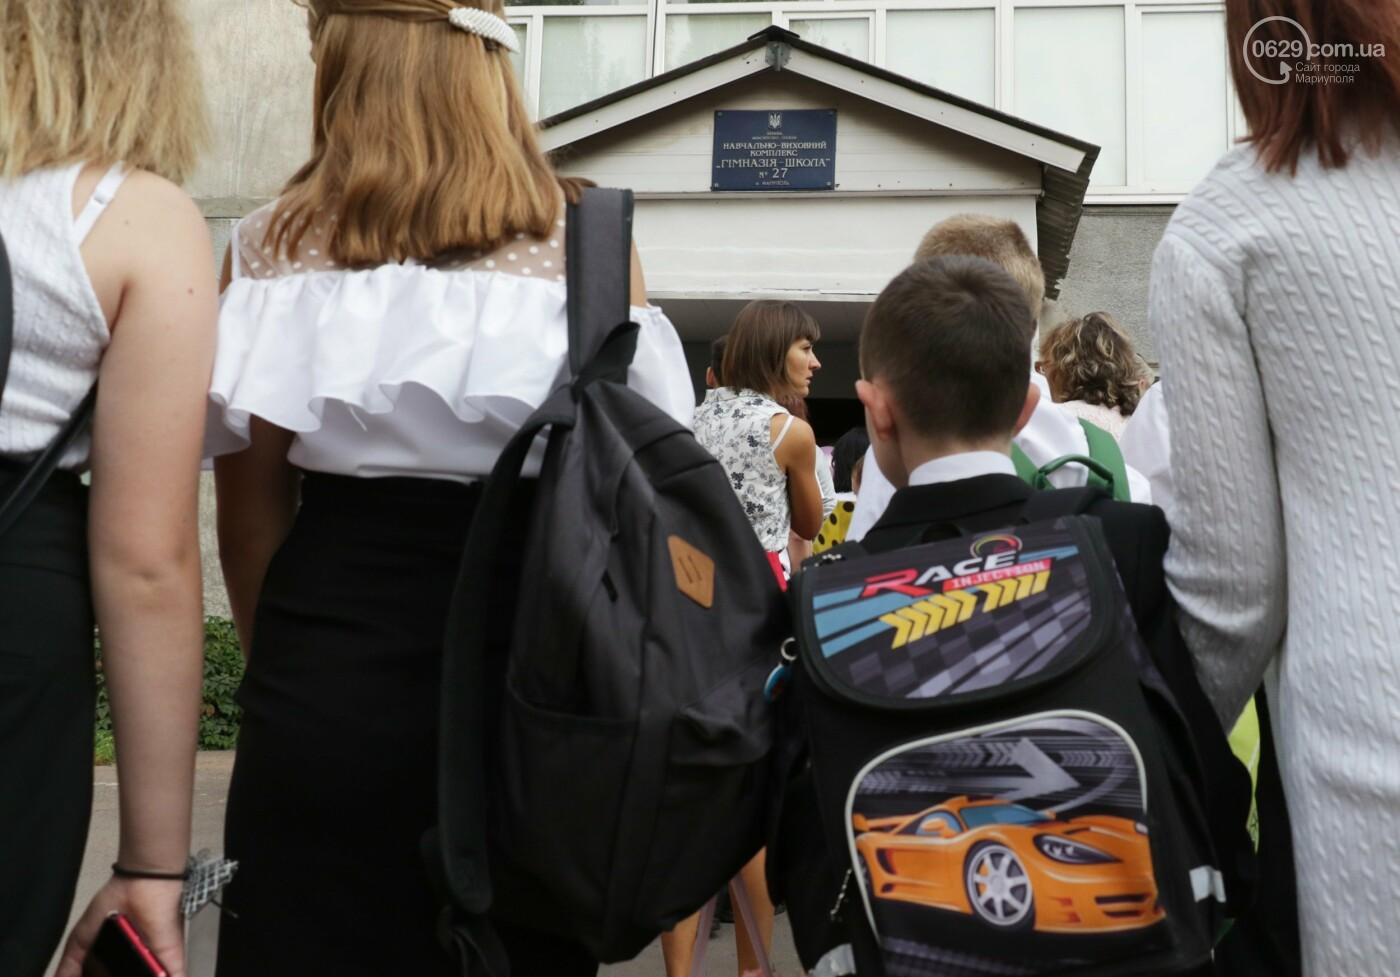 Первый звонок в Новой украинской школе: четыре тысячи первоклашек сели за парты в Мариуполе, - ФОТОРЕПОРТАЖ, фото-1